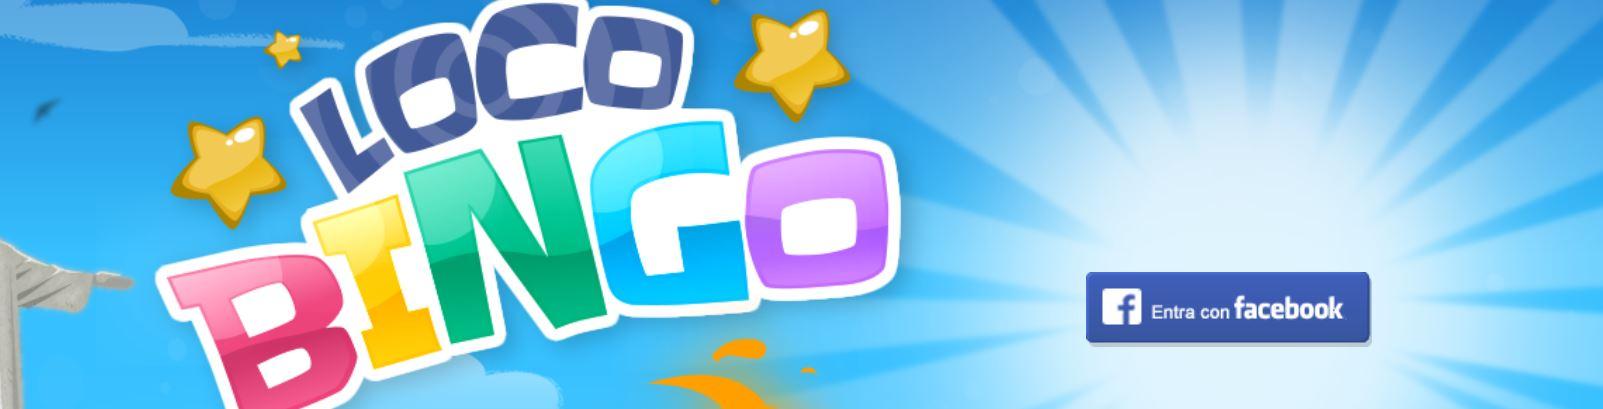 Loco bingo tiene un soporte al cliente garantizado, rápido y eficaz.